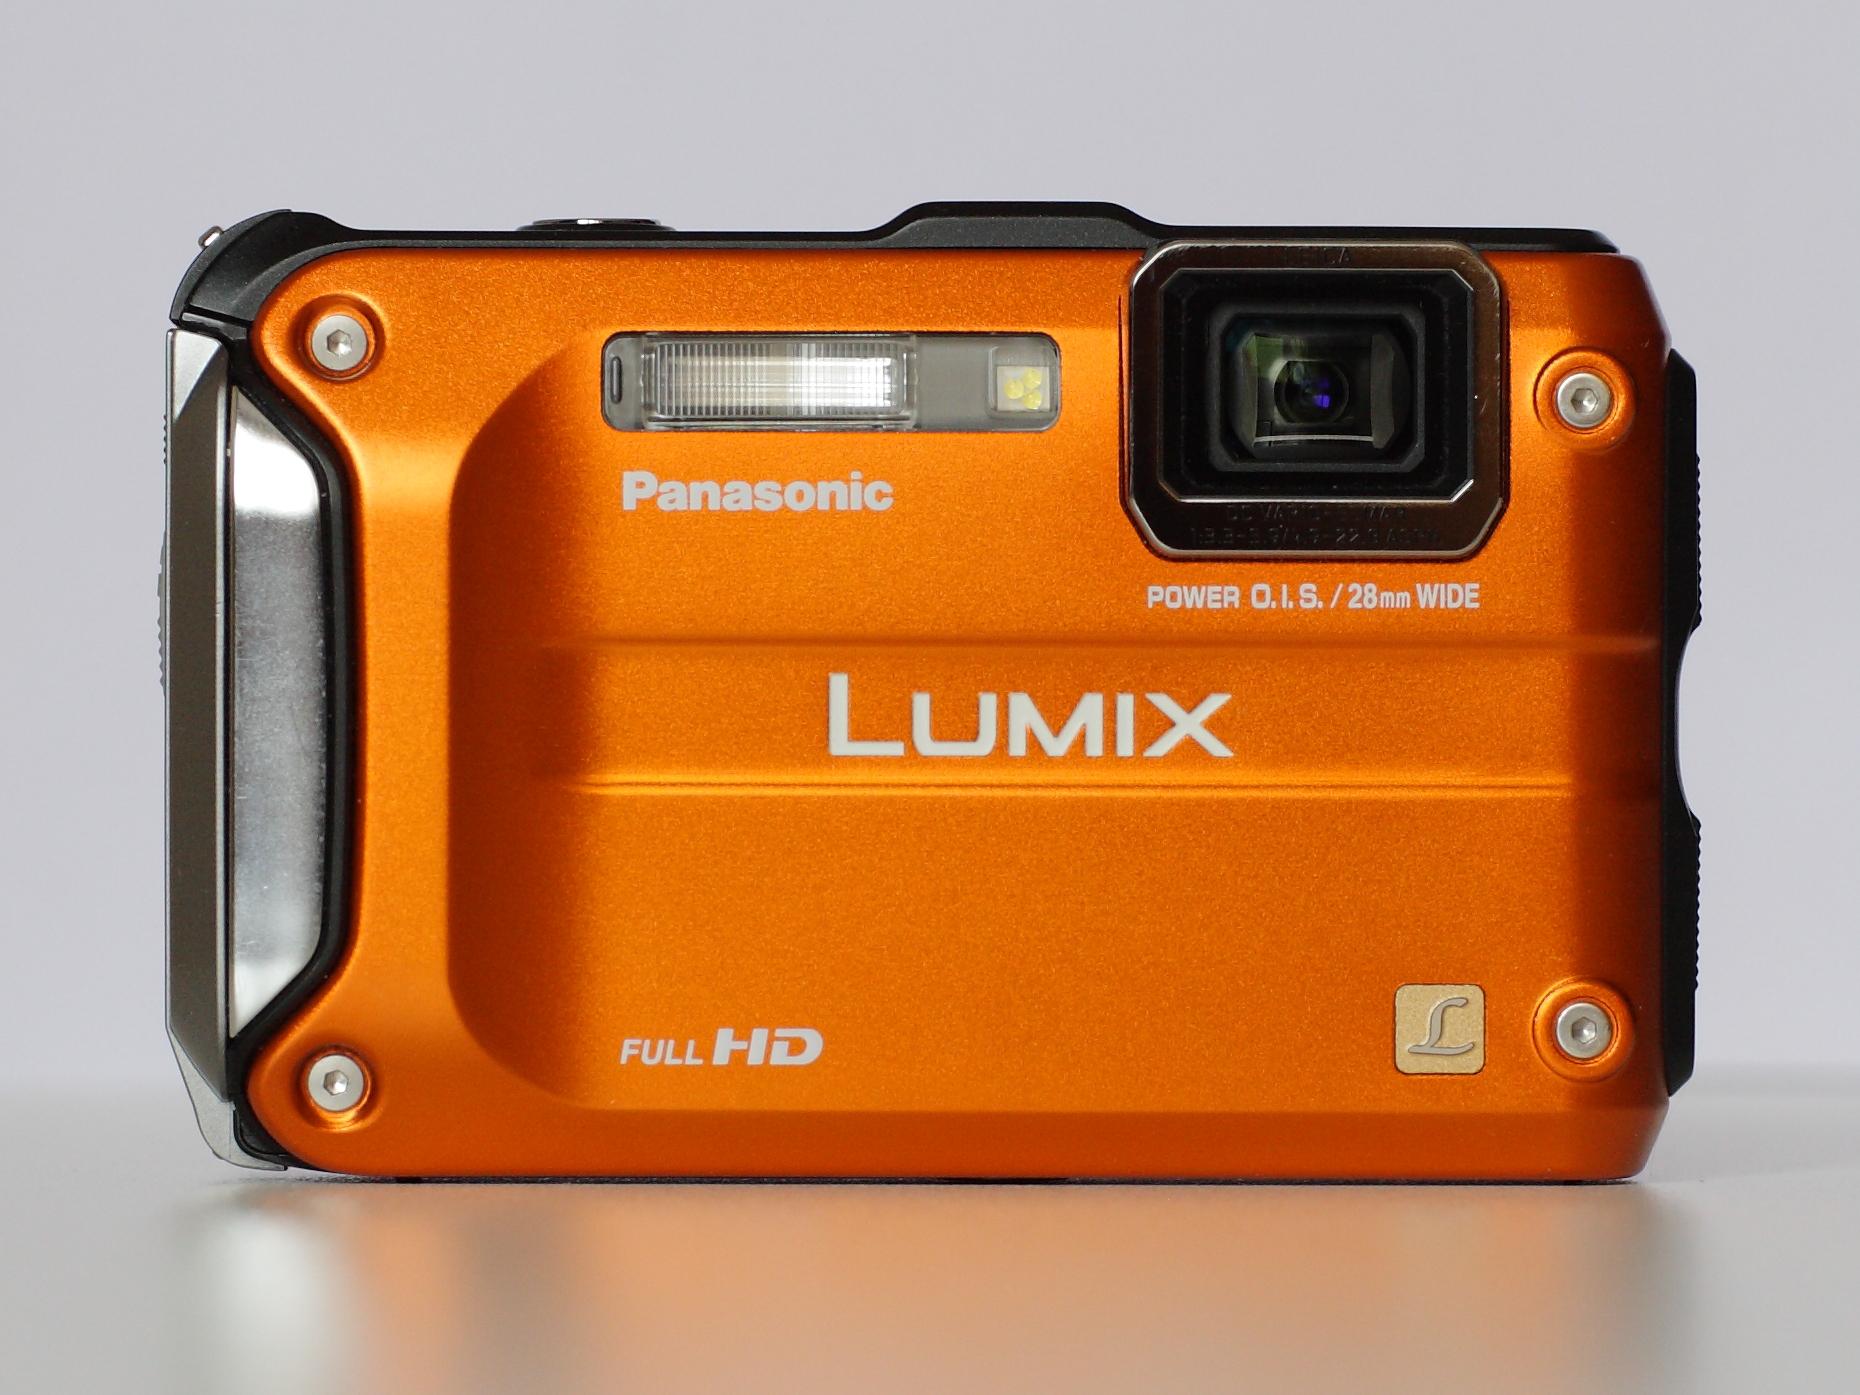 file panasonic lumix dmc ts3 orange front view jpg wikimedia rh commons wikimedia org Panasonic.comsupportbycncompass panasonic ts3 manual